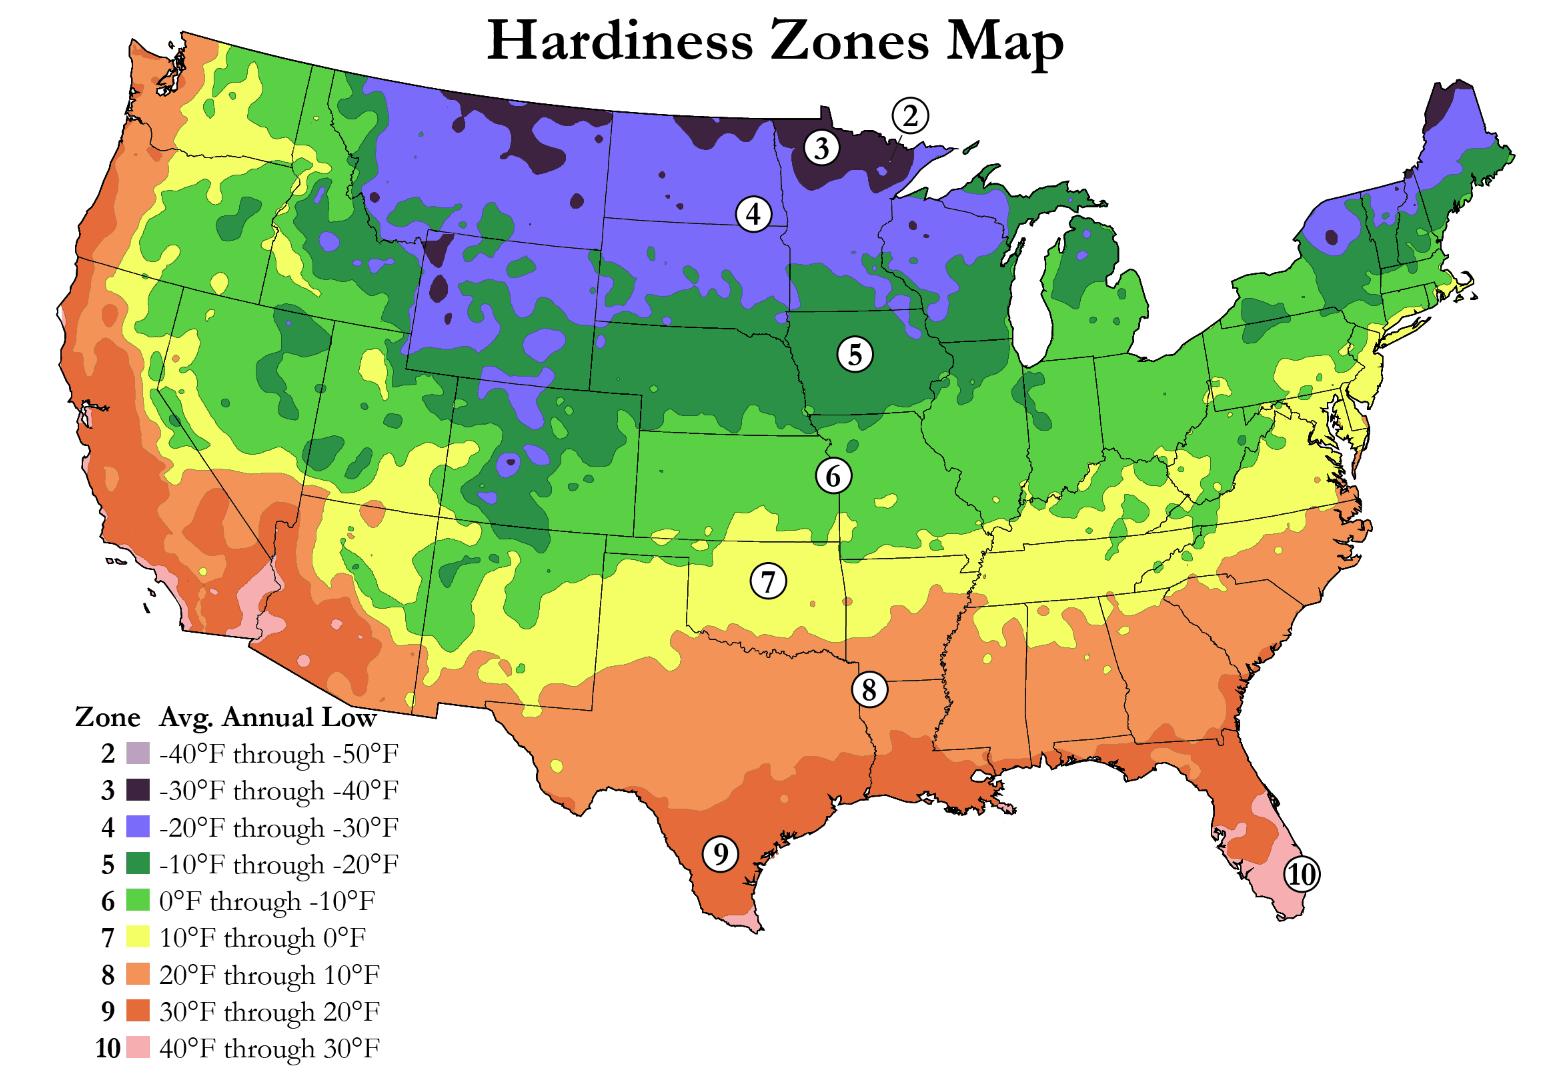 HardinessZones